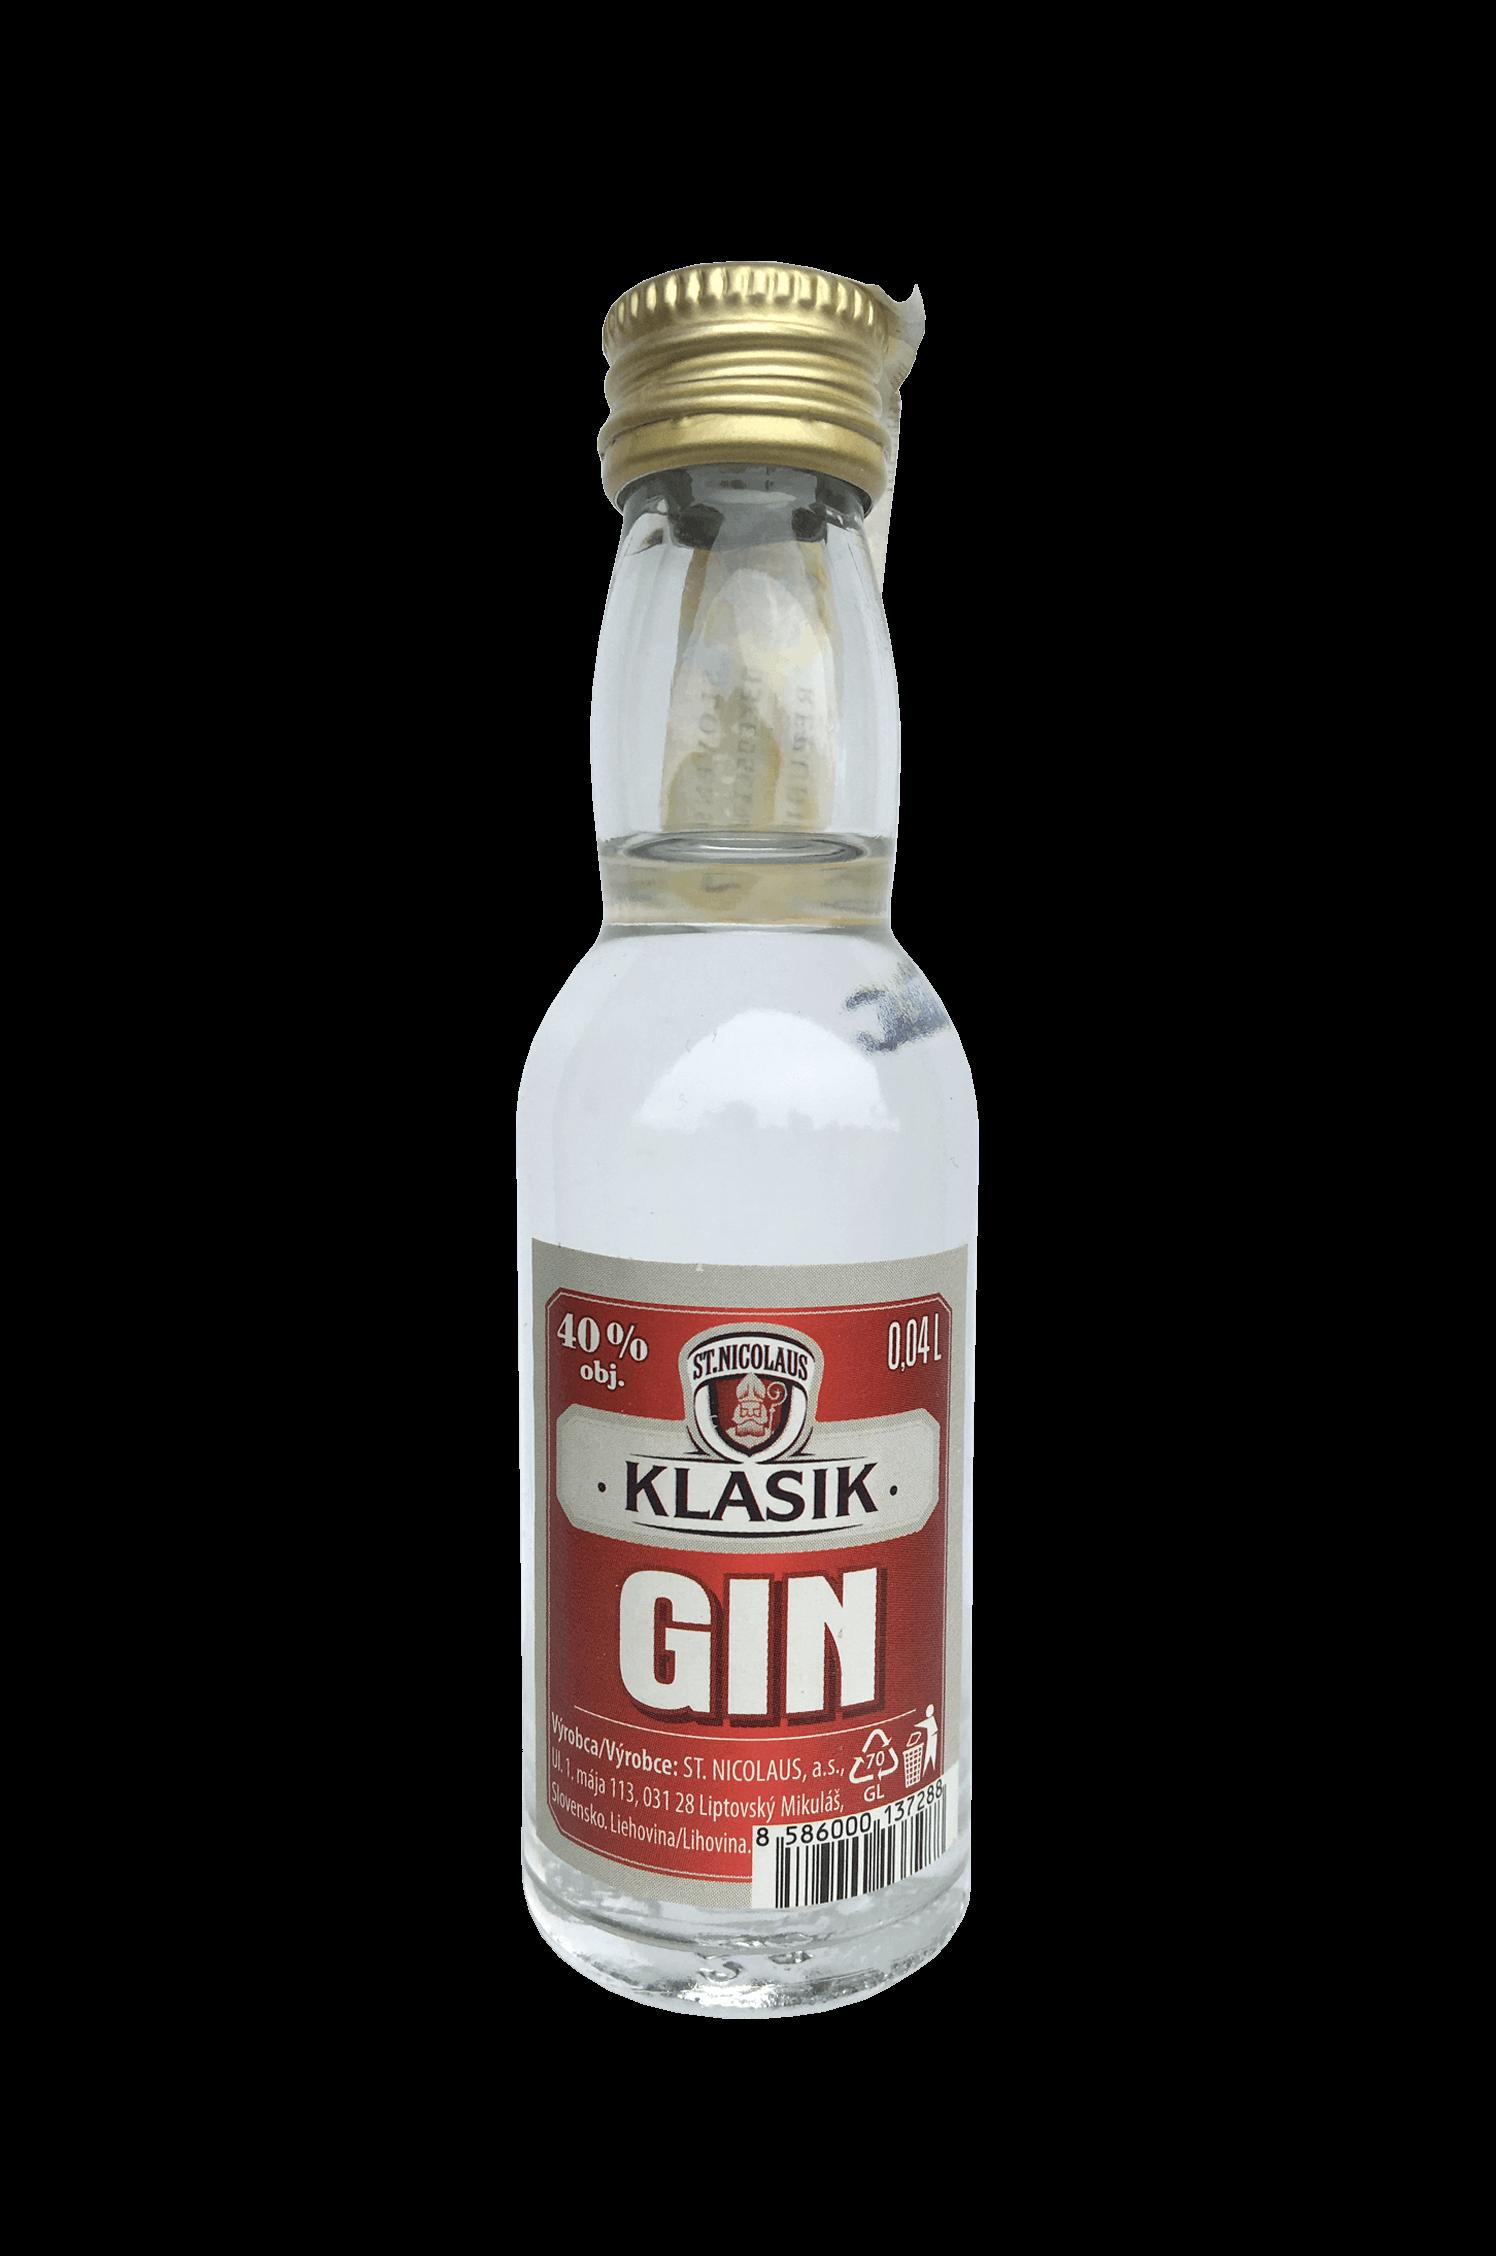 Klasik Gin